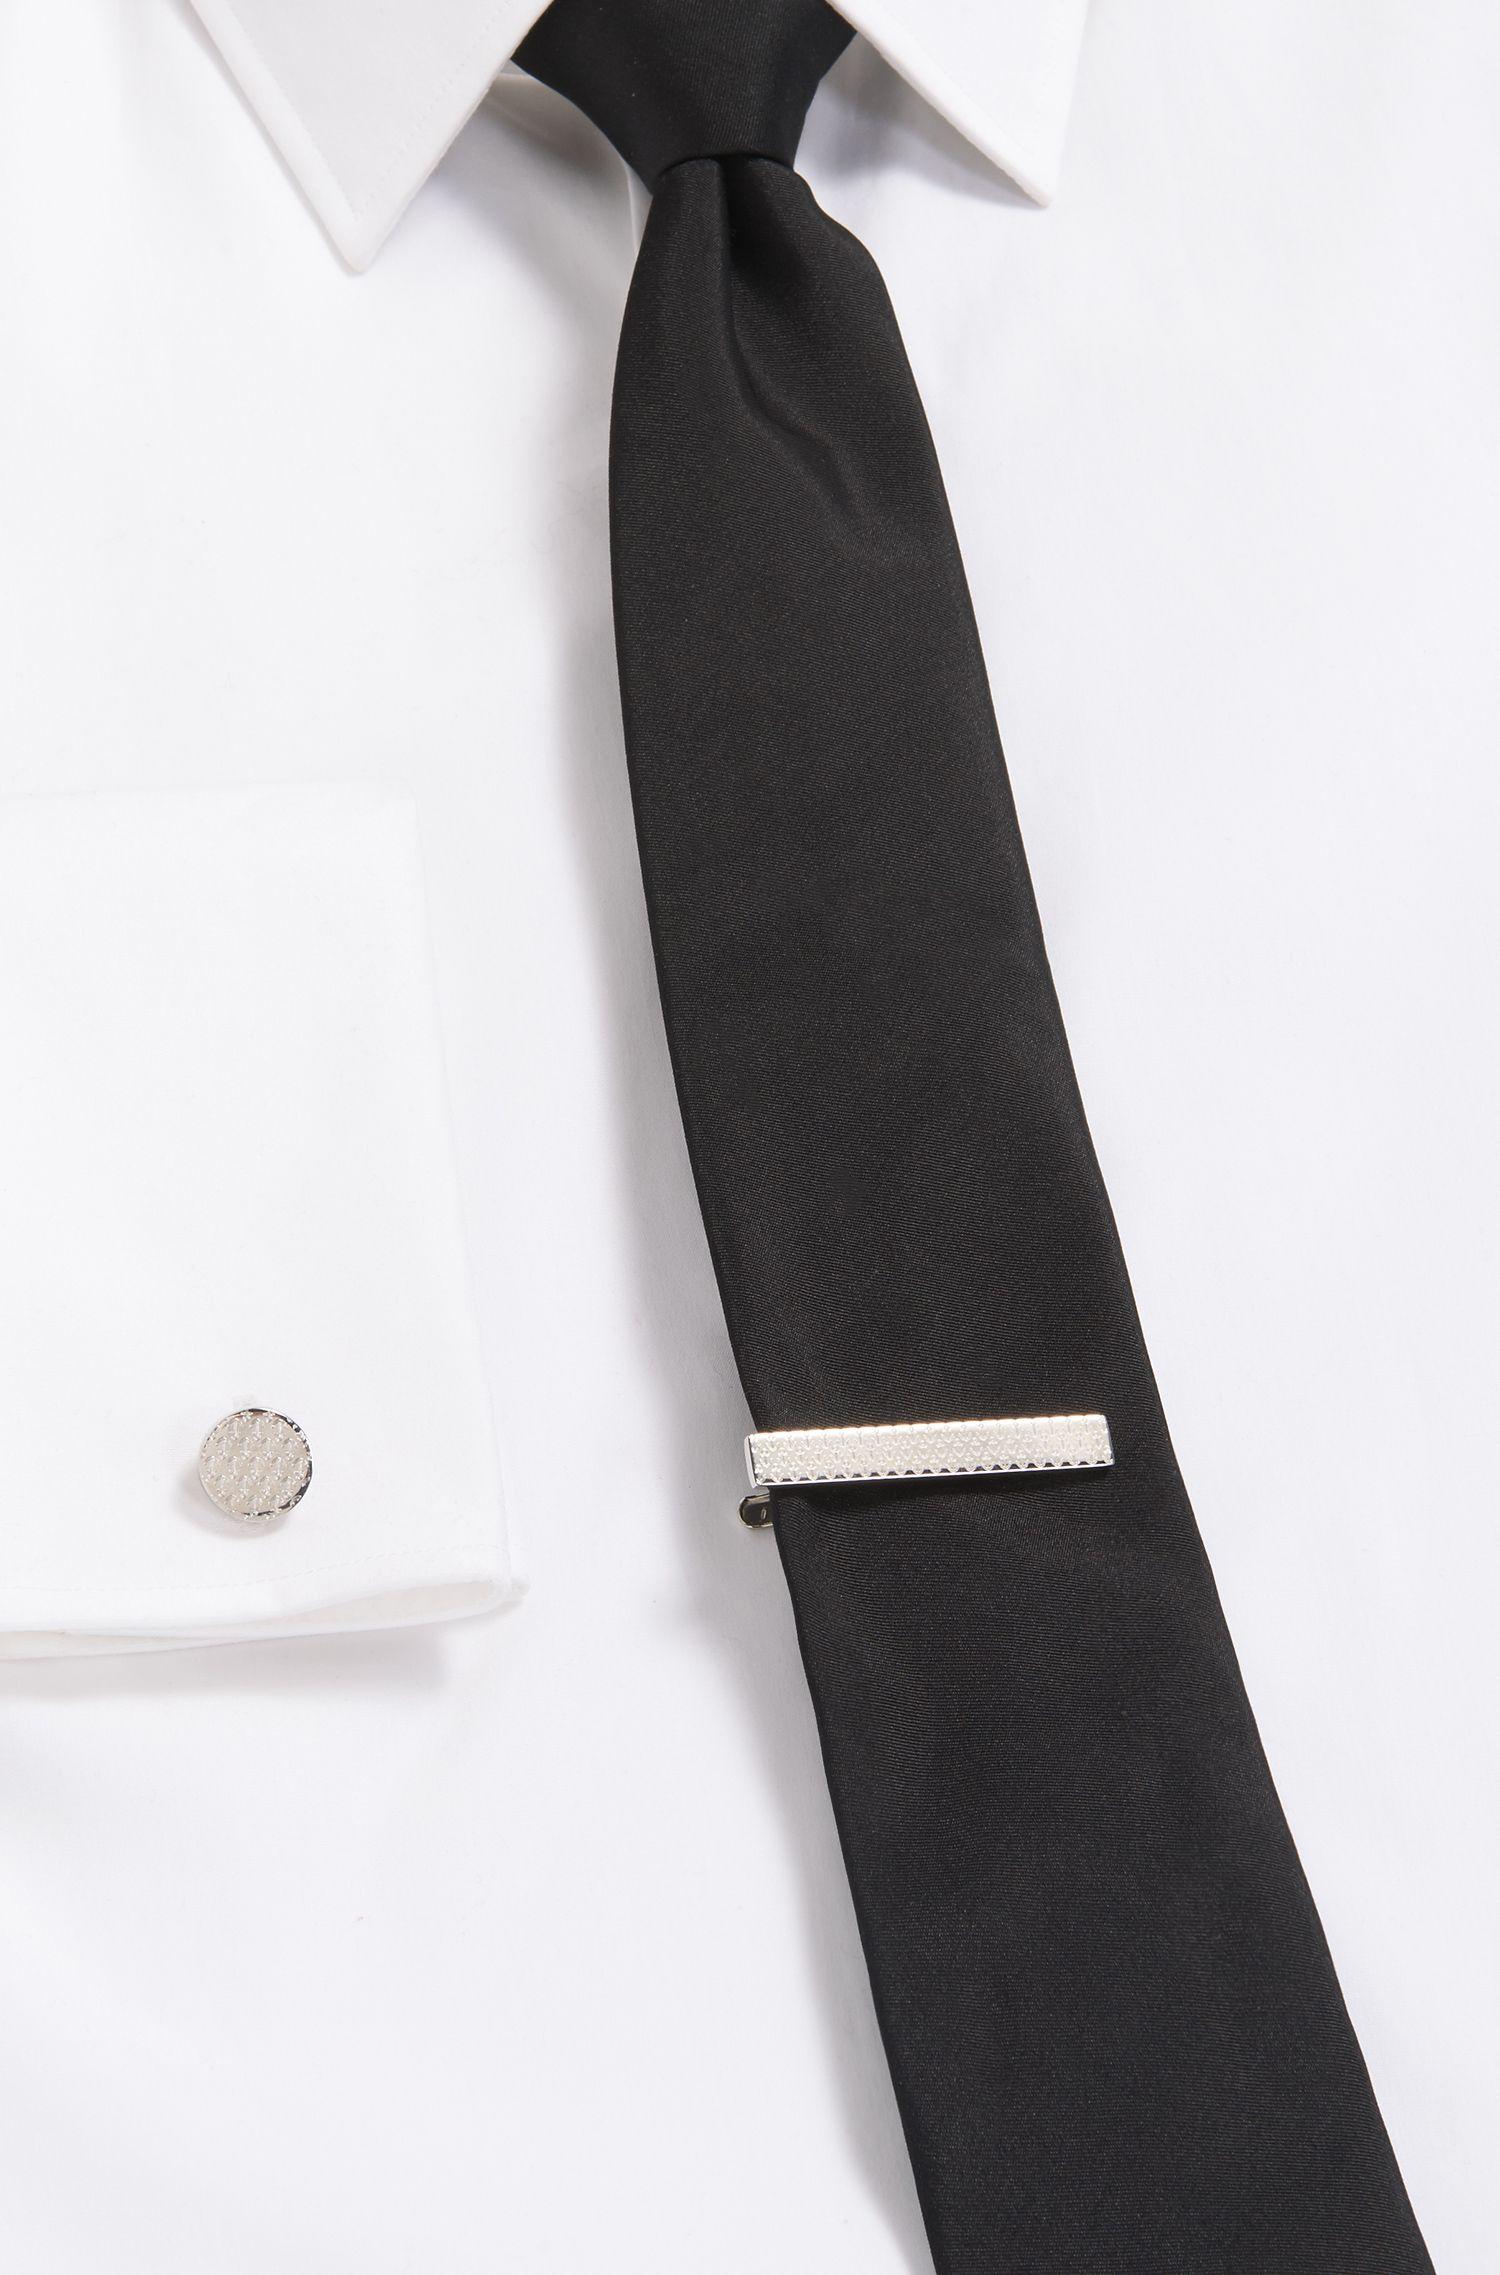 Spillo da cravatta lucidato a mano con ancore incise